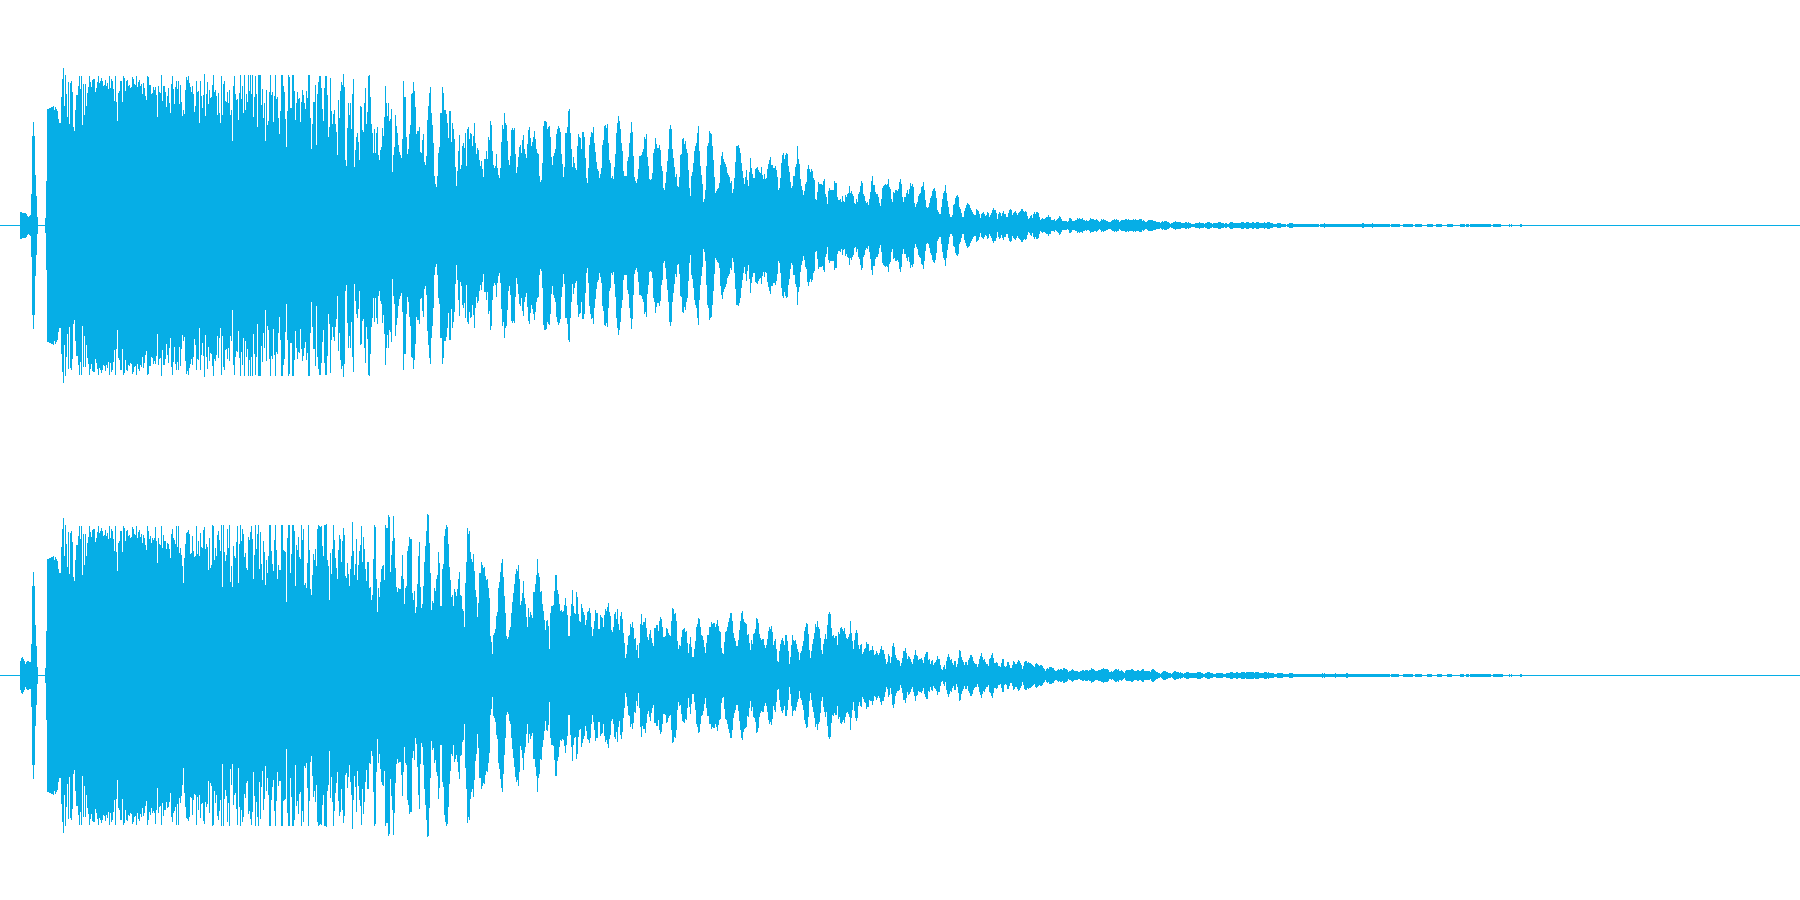 シャキーン(少し低めの音)の再生済みの波形